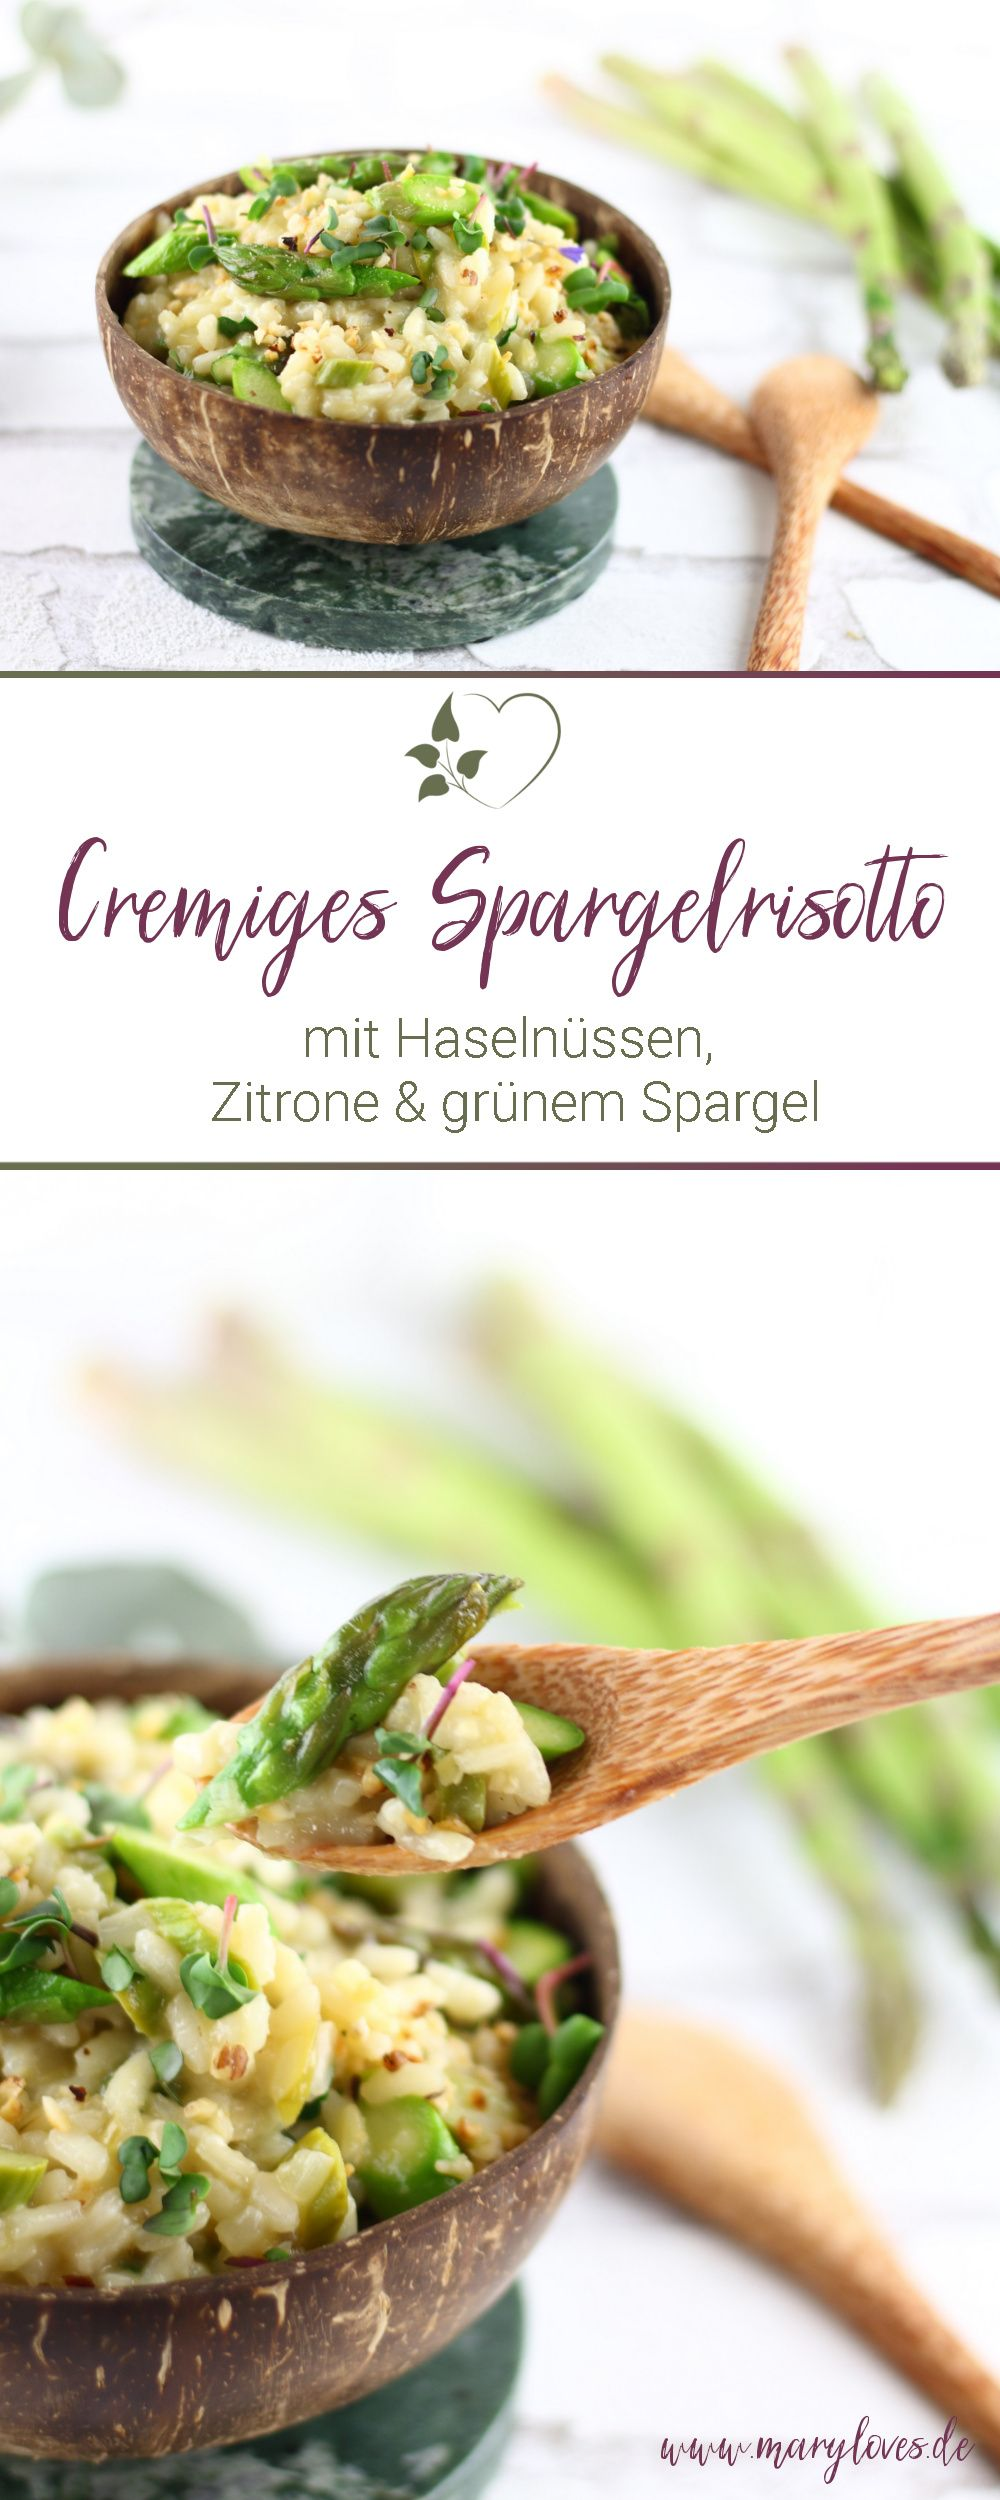 Cremiges Spargelrisotto mit Haselnüssen, Zitrone und grünem Spargel